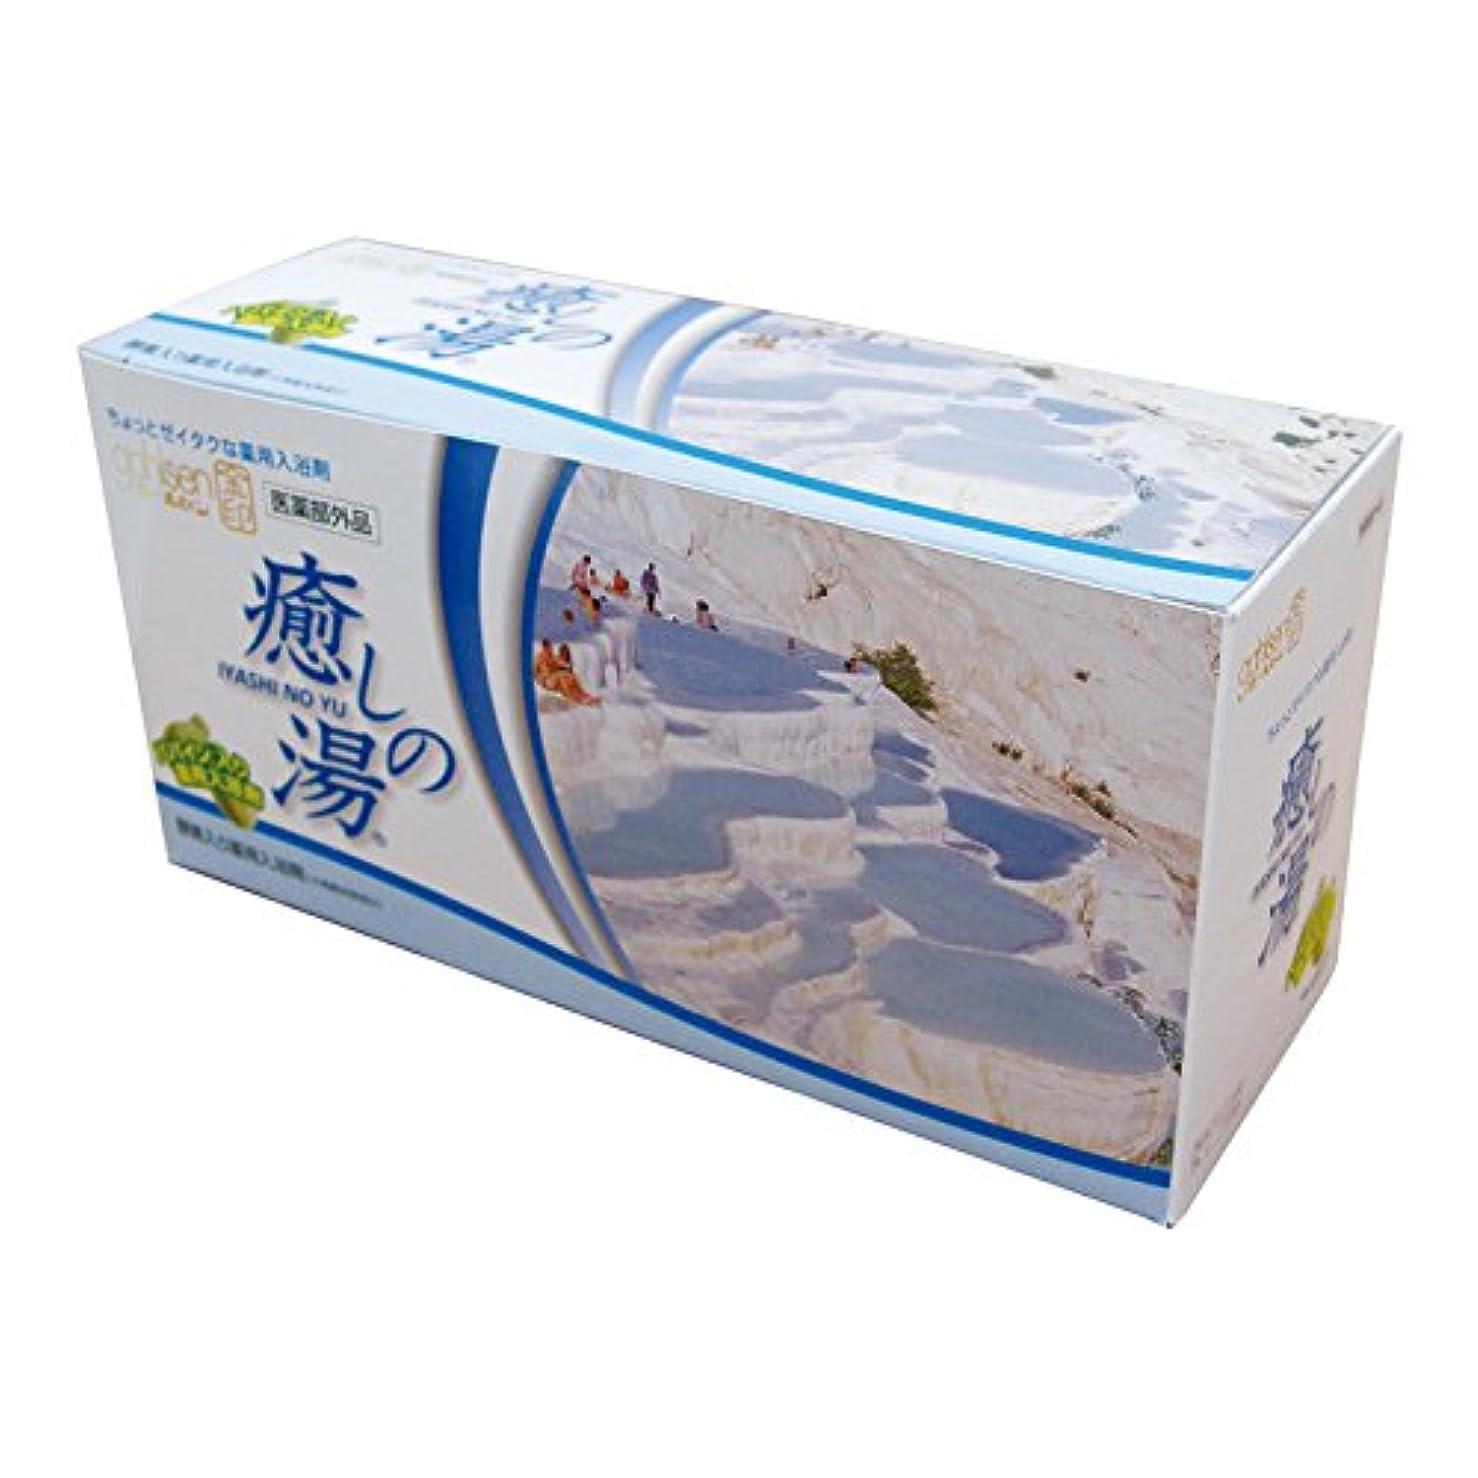 中級乏しいの間にBath Terminal 【入浴剤】ガールセン 癒しの湯 金印 30包入【日本生化学正規代理店】